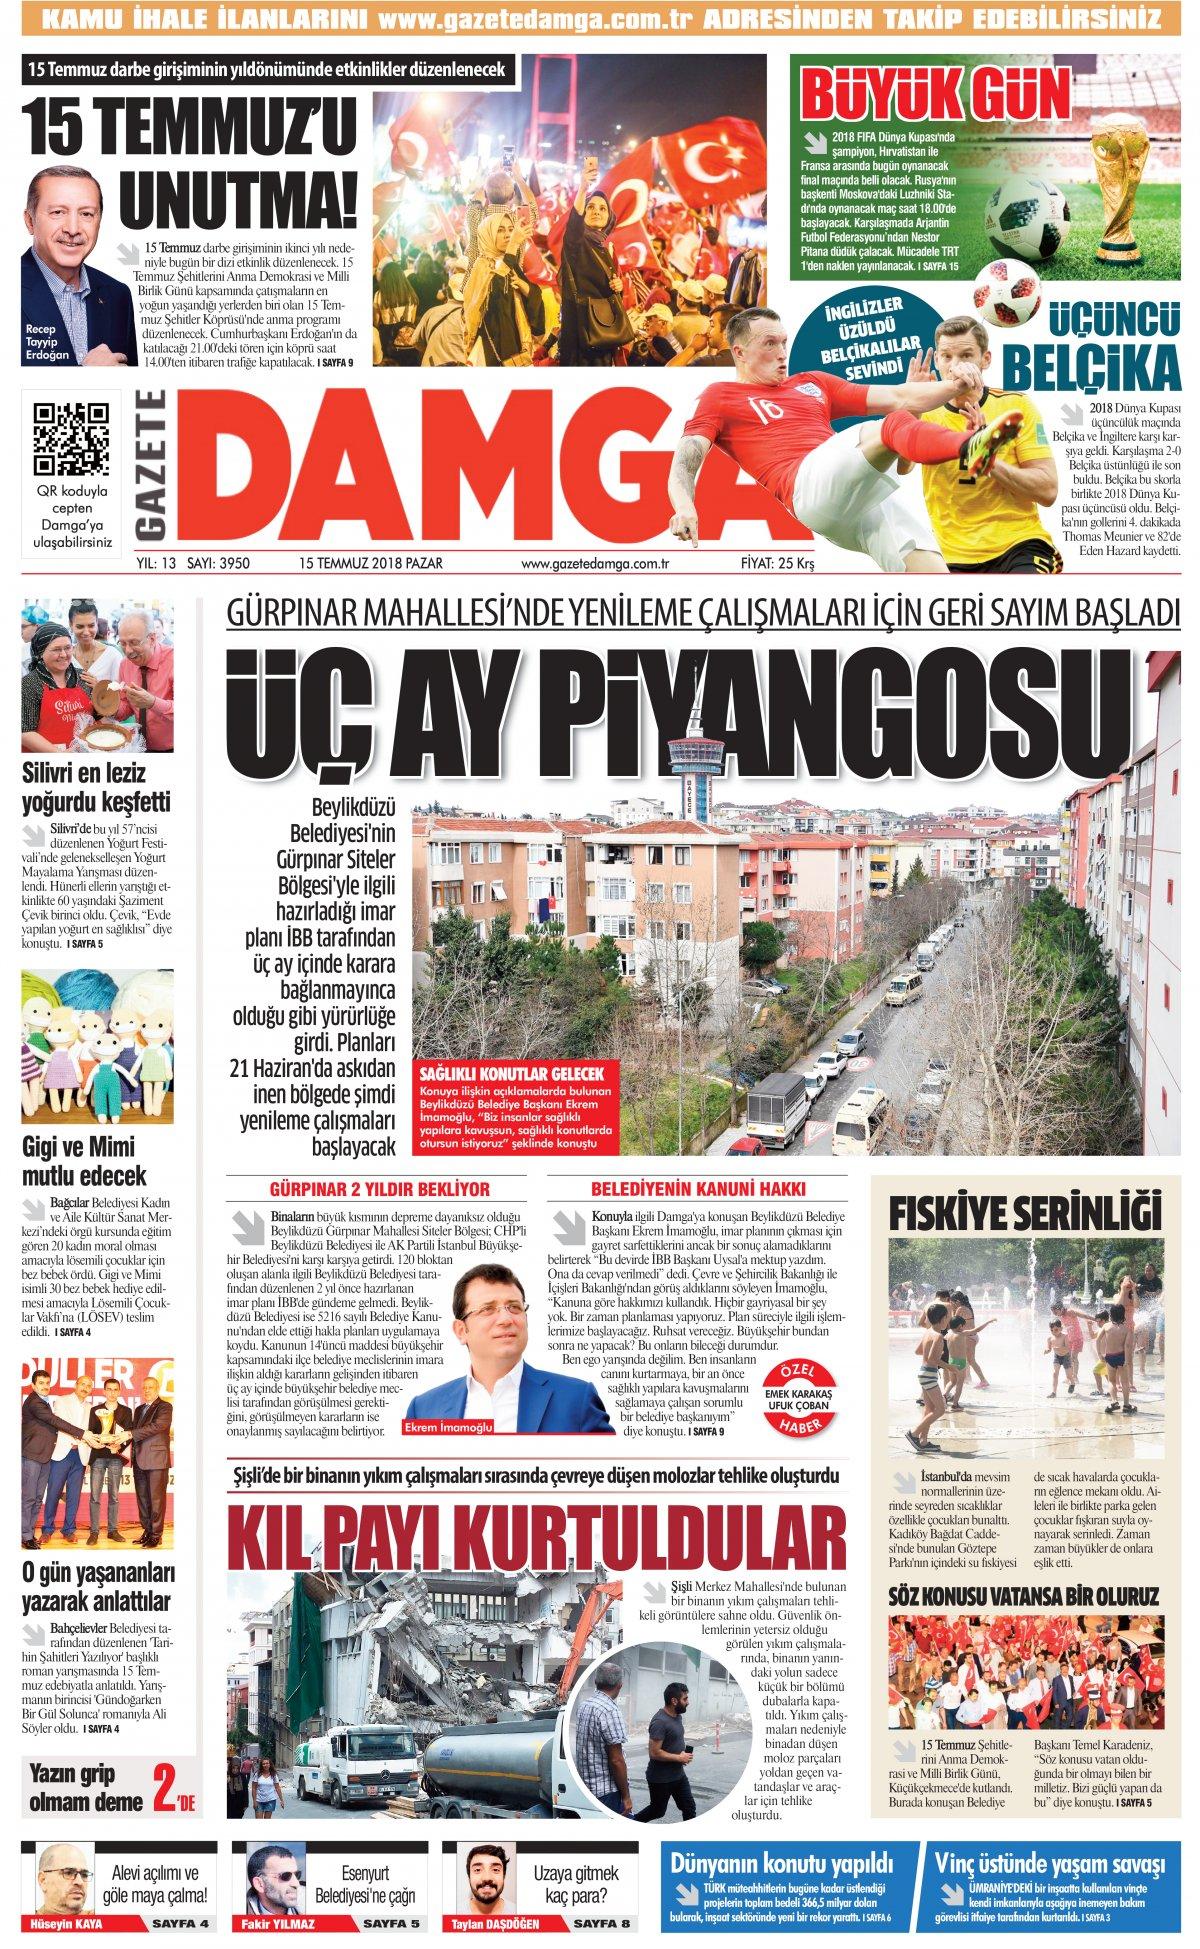 Gazete Damga - 15.07.2018 Manşeti